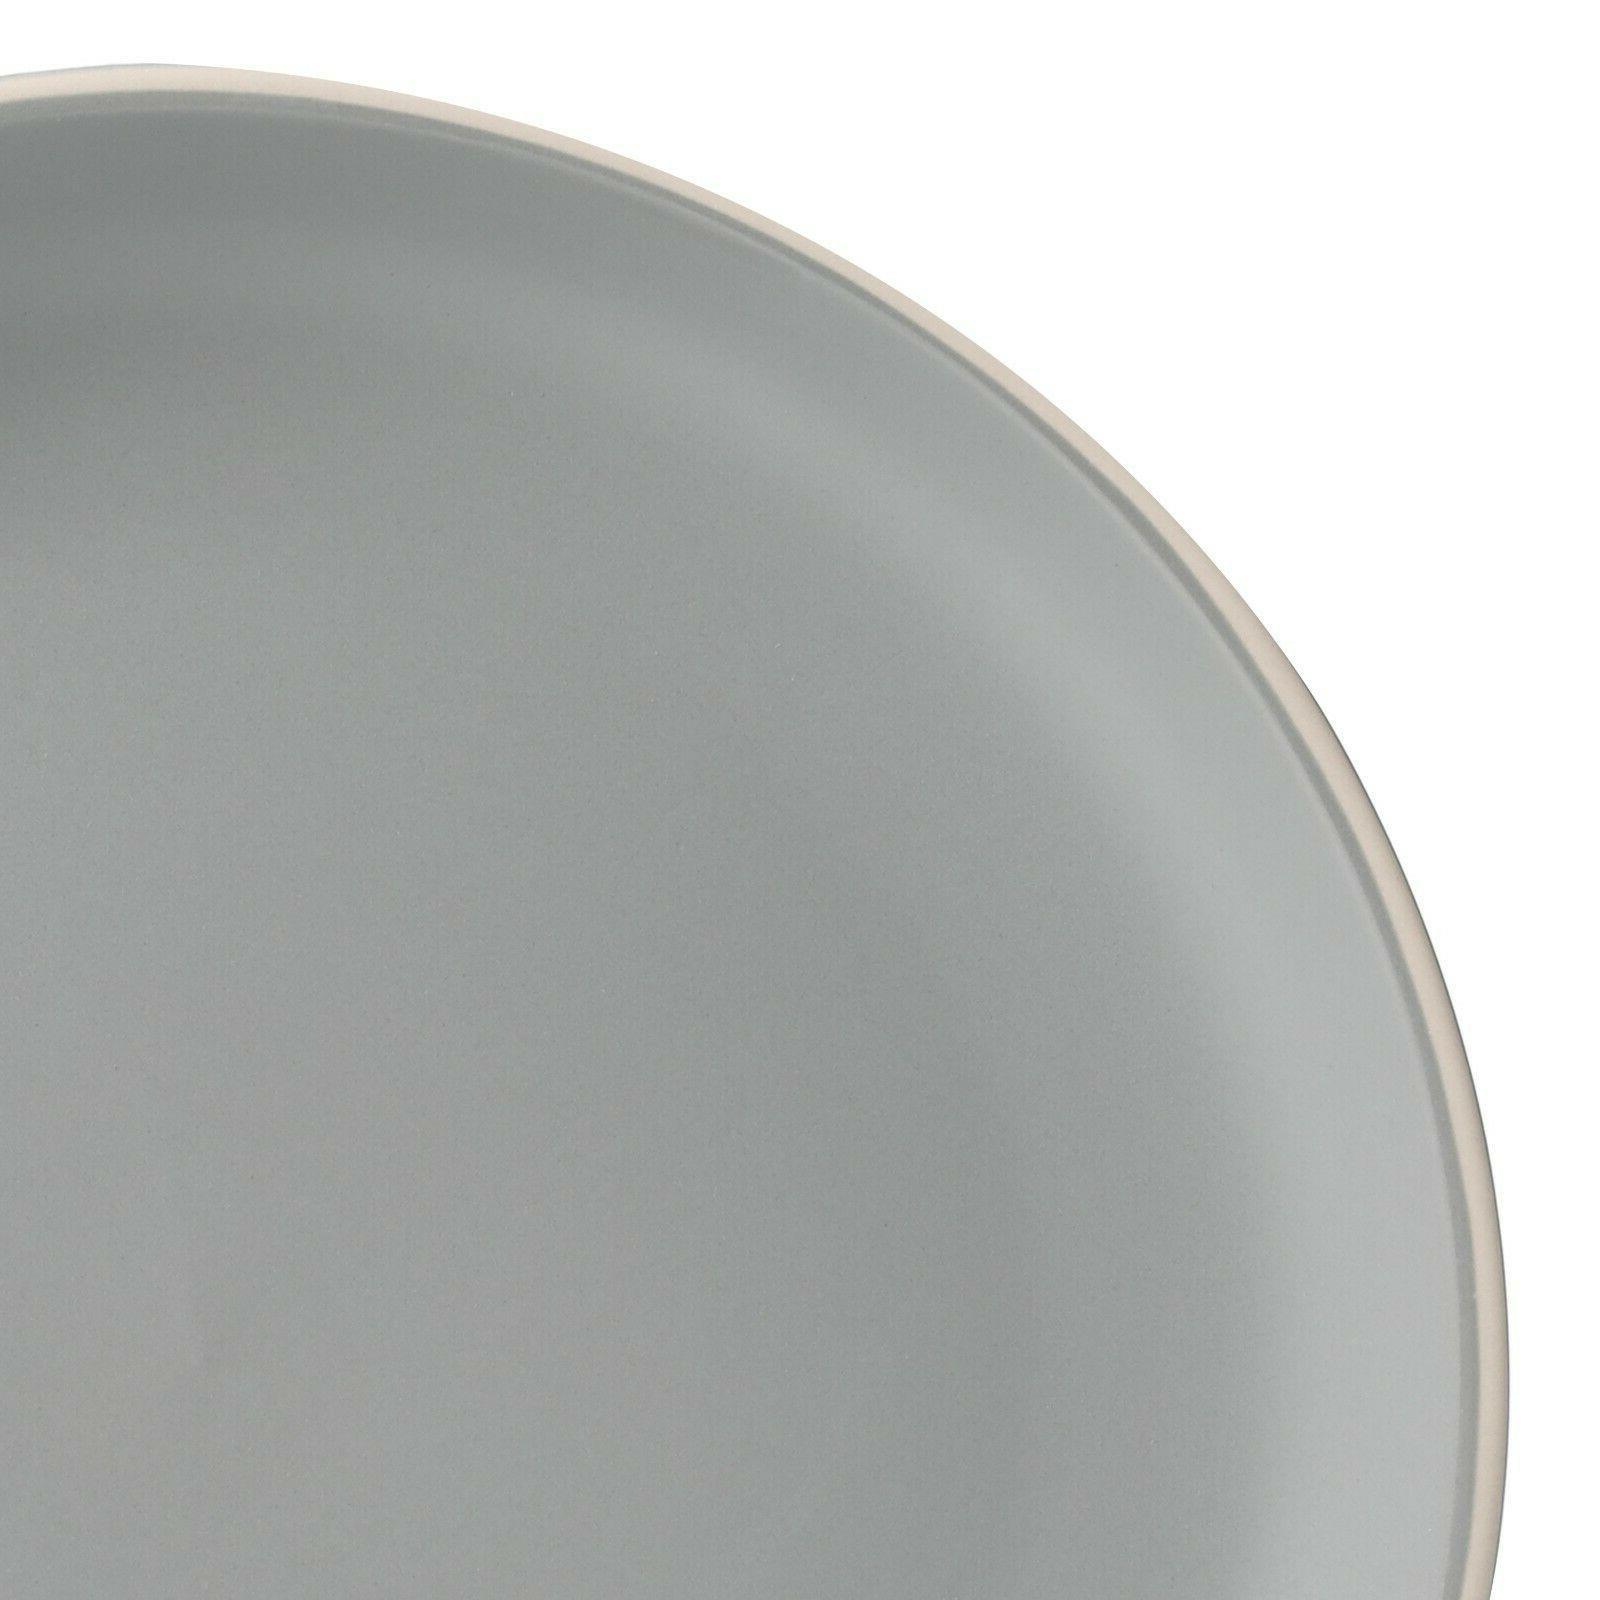 12 Piece Dinnerware Set Stoneware Service for 4